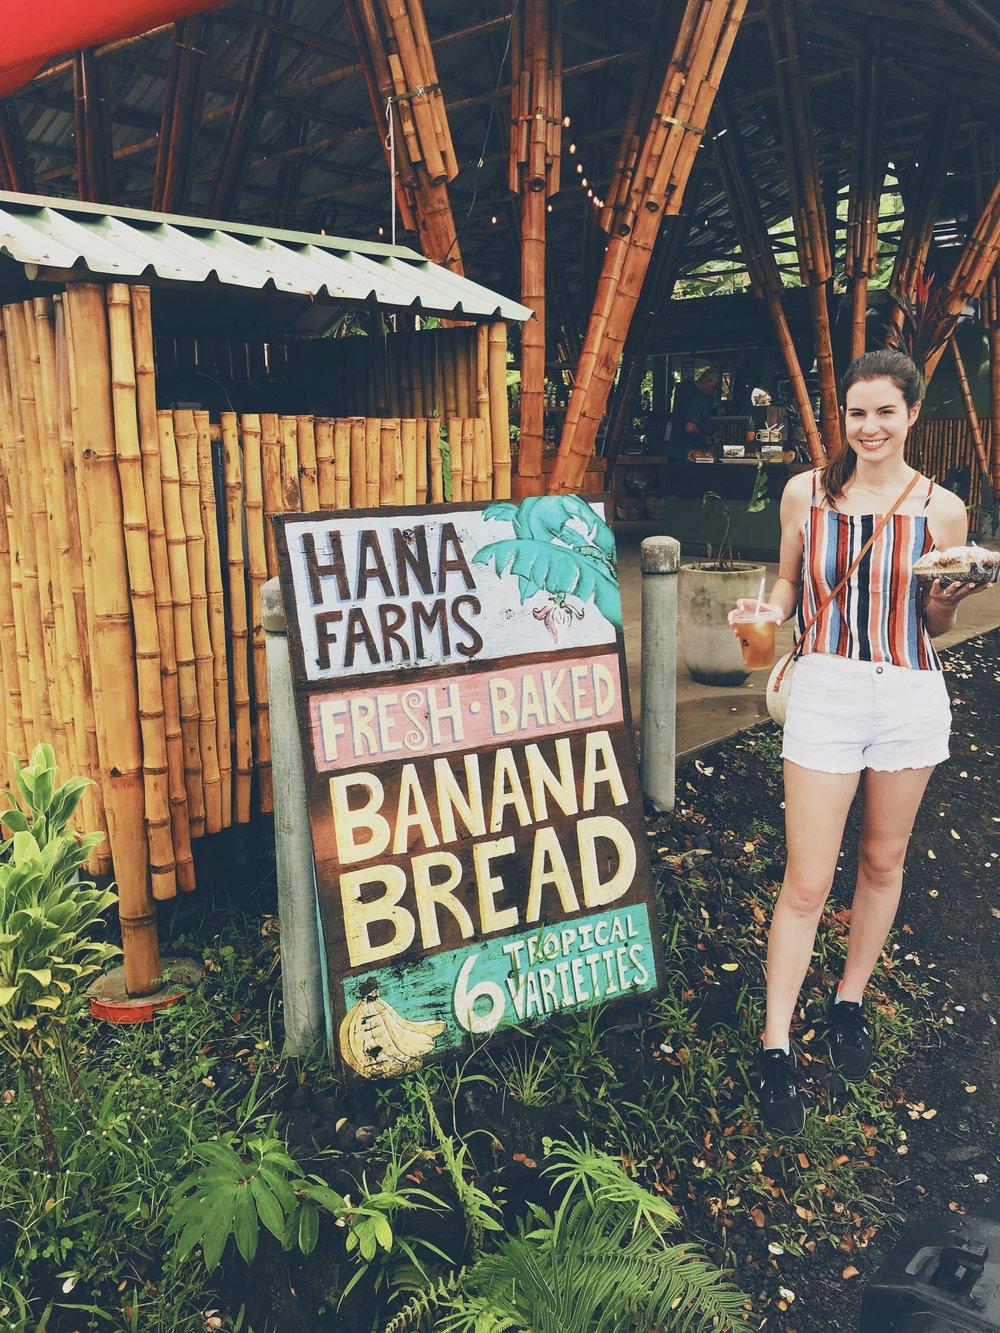 Hana_Farms_Maui